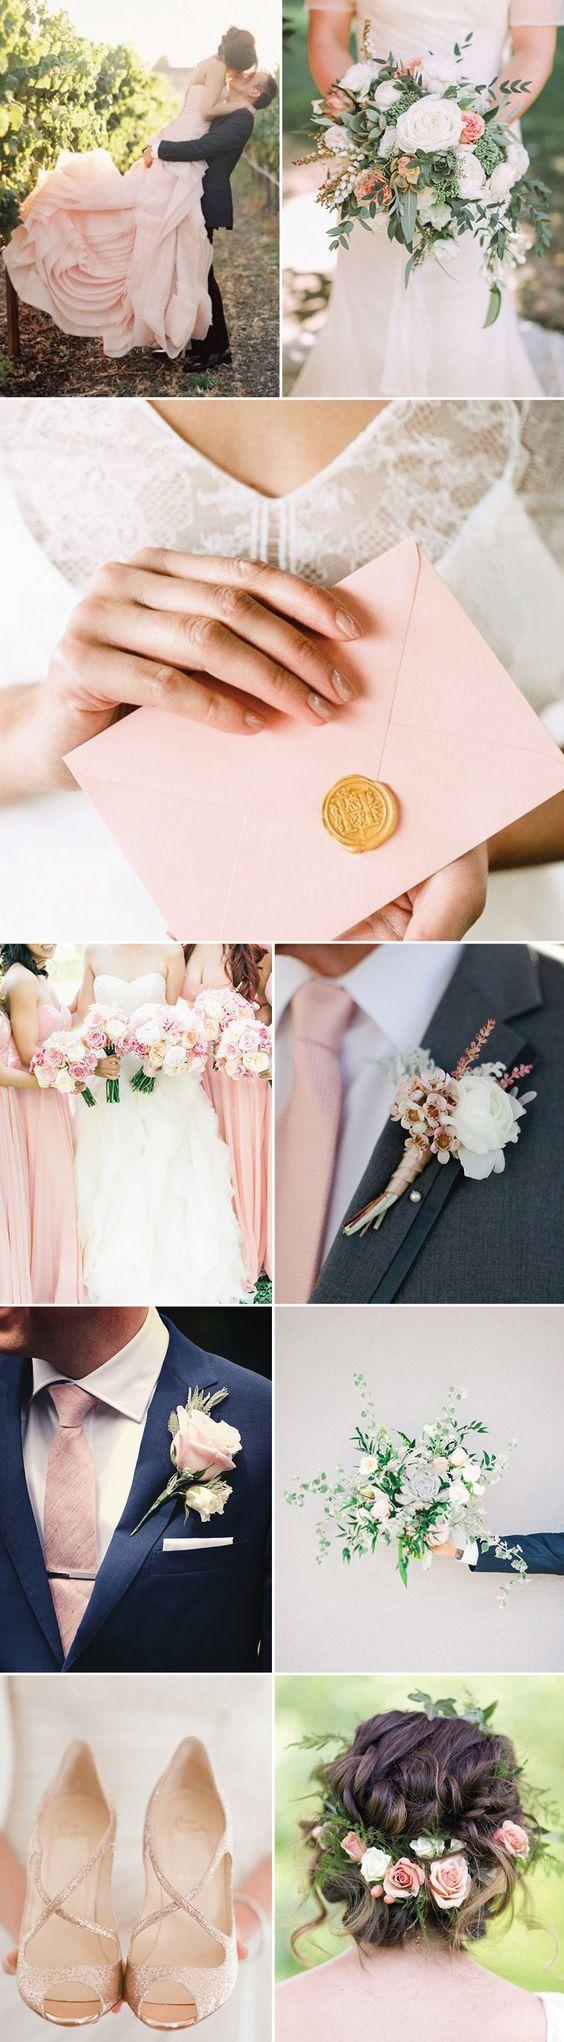 O Rose Quartz pode ser combinado com tons escuros, como grafite, e tons claros, como nude e pastéis, para uma decoração de casamento clean. Saiba como organizar um casamento Rose Quartz neste artigo!